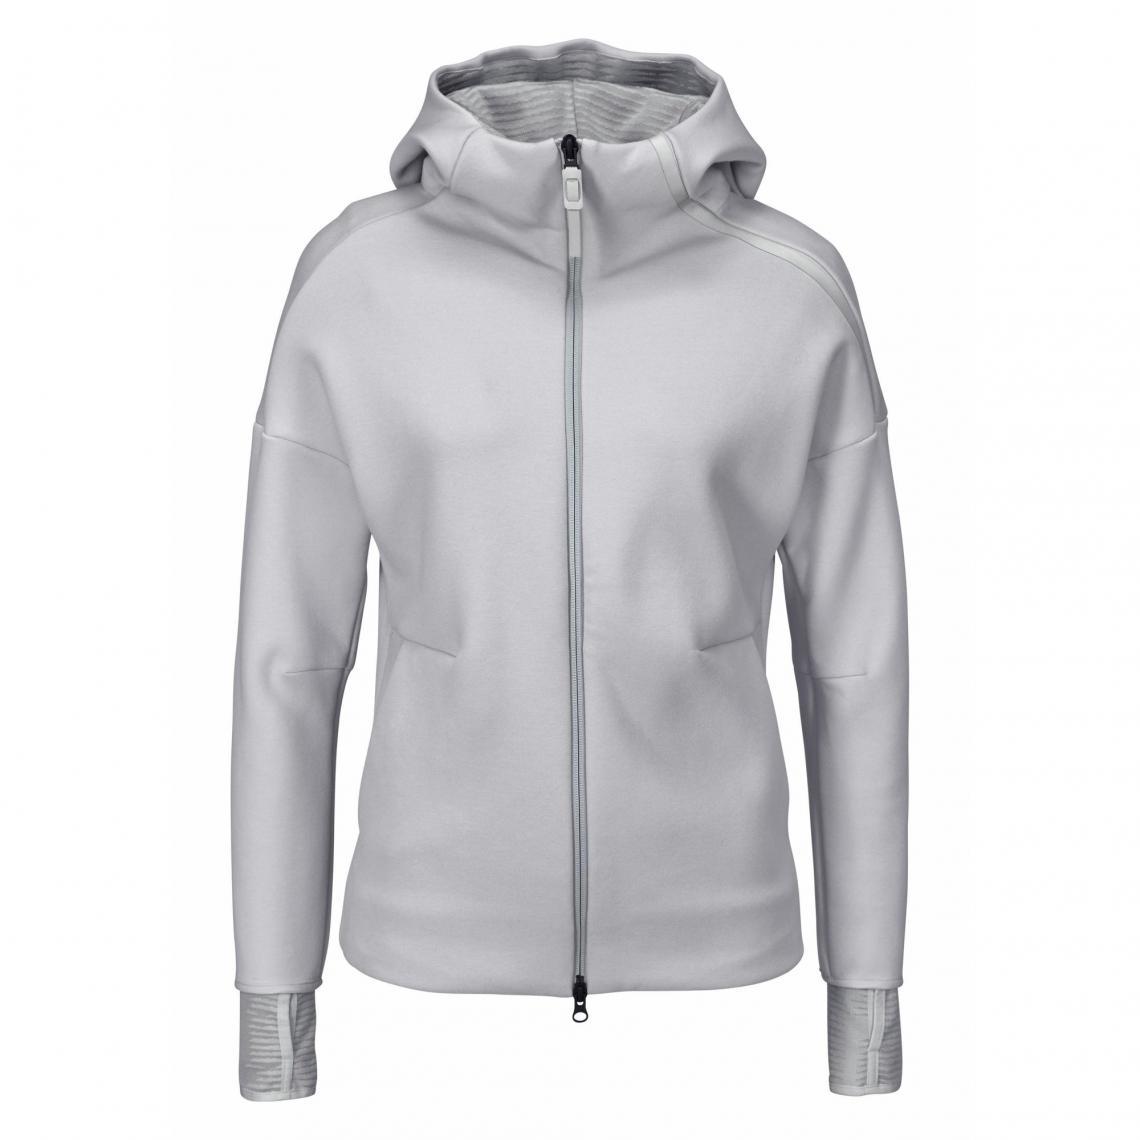 Veste zippée à capuche femme Z.N.E adidas